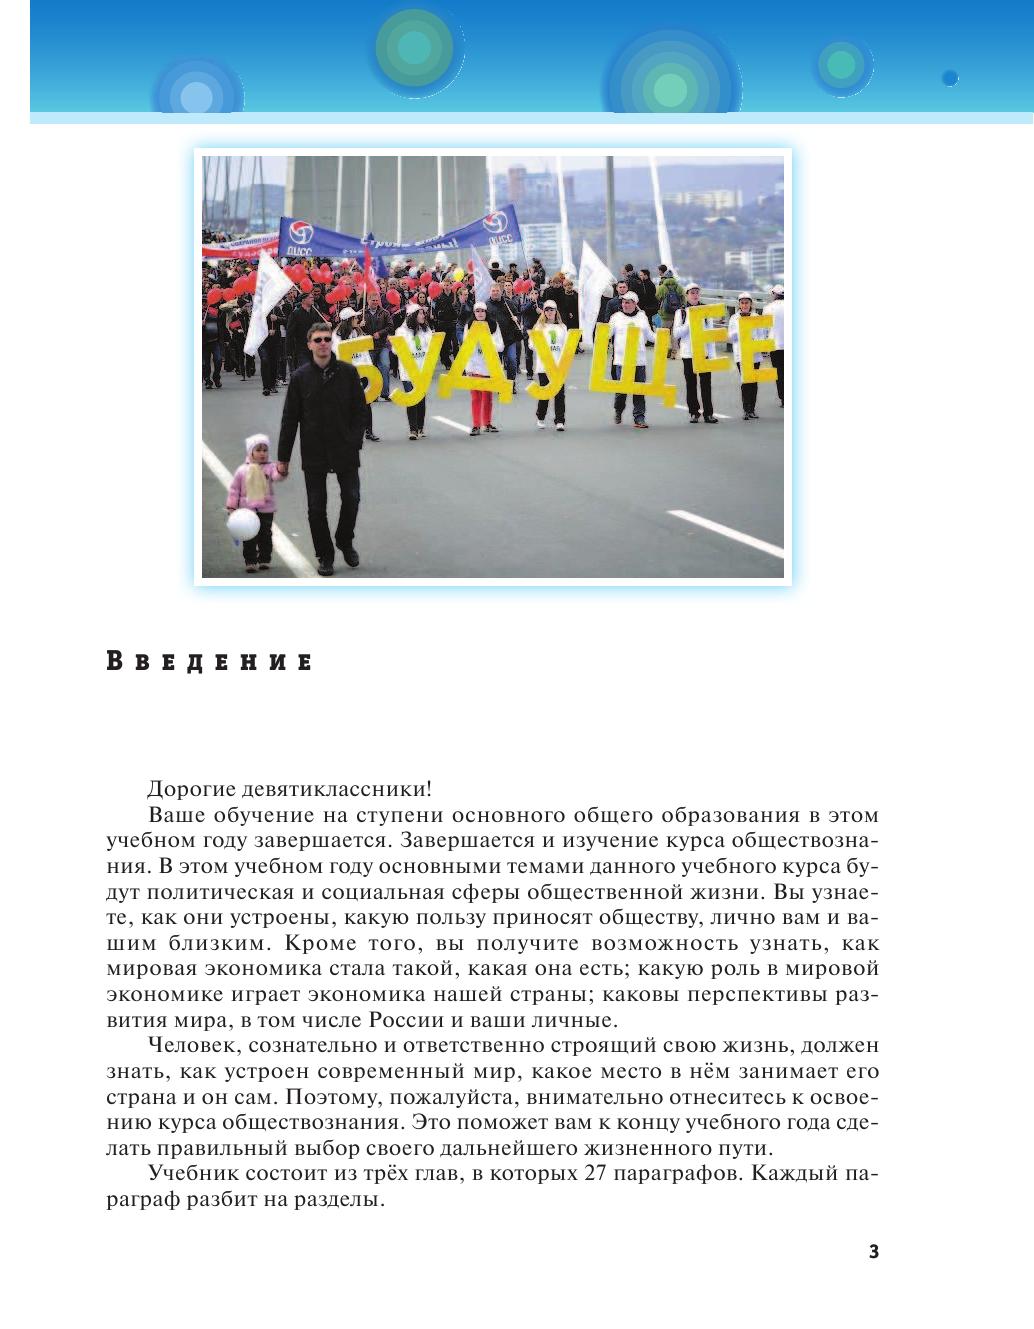 Обществознание. 9 класс. Учебное пособие - страница 3